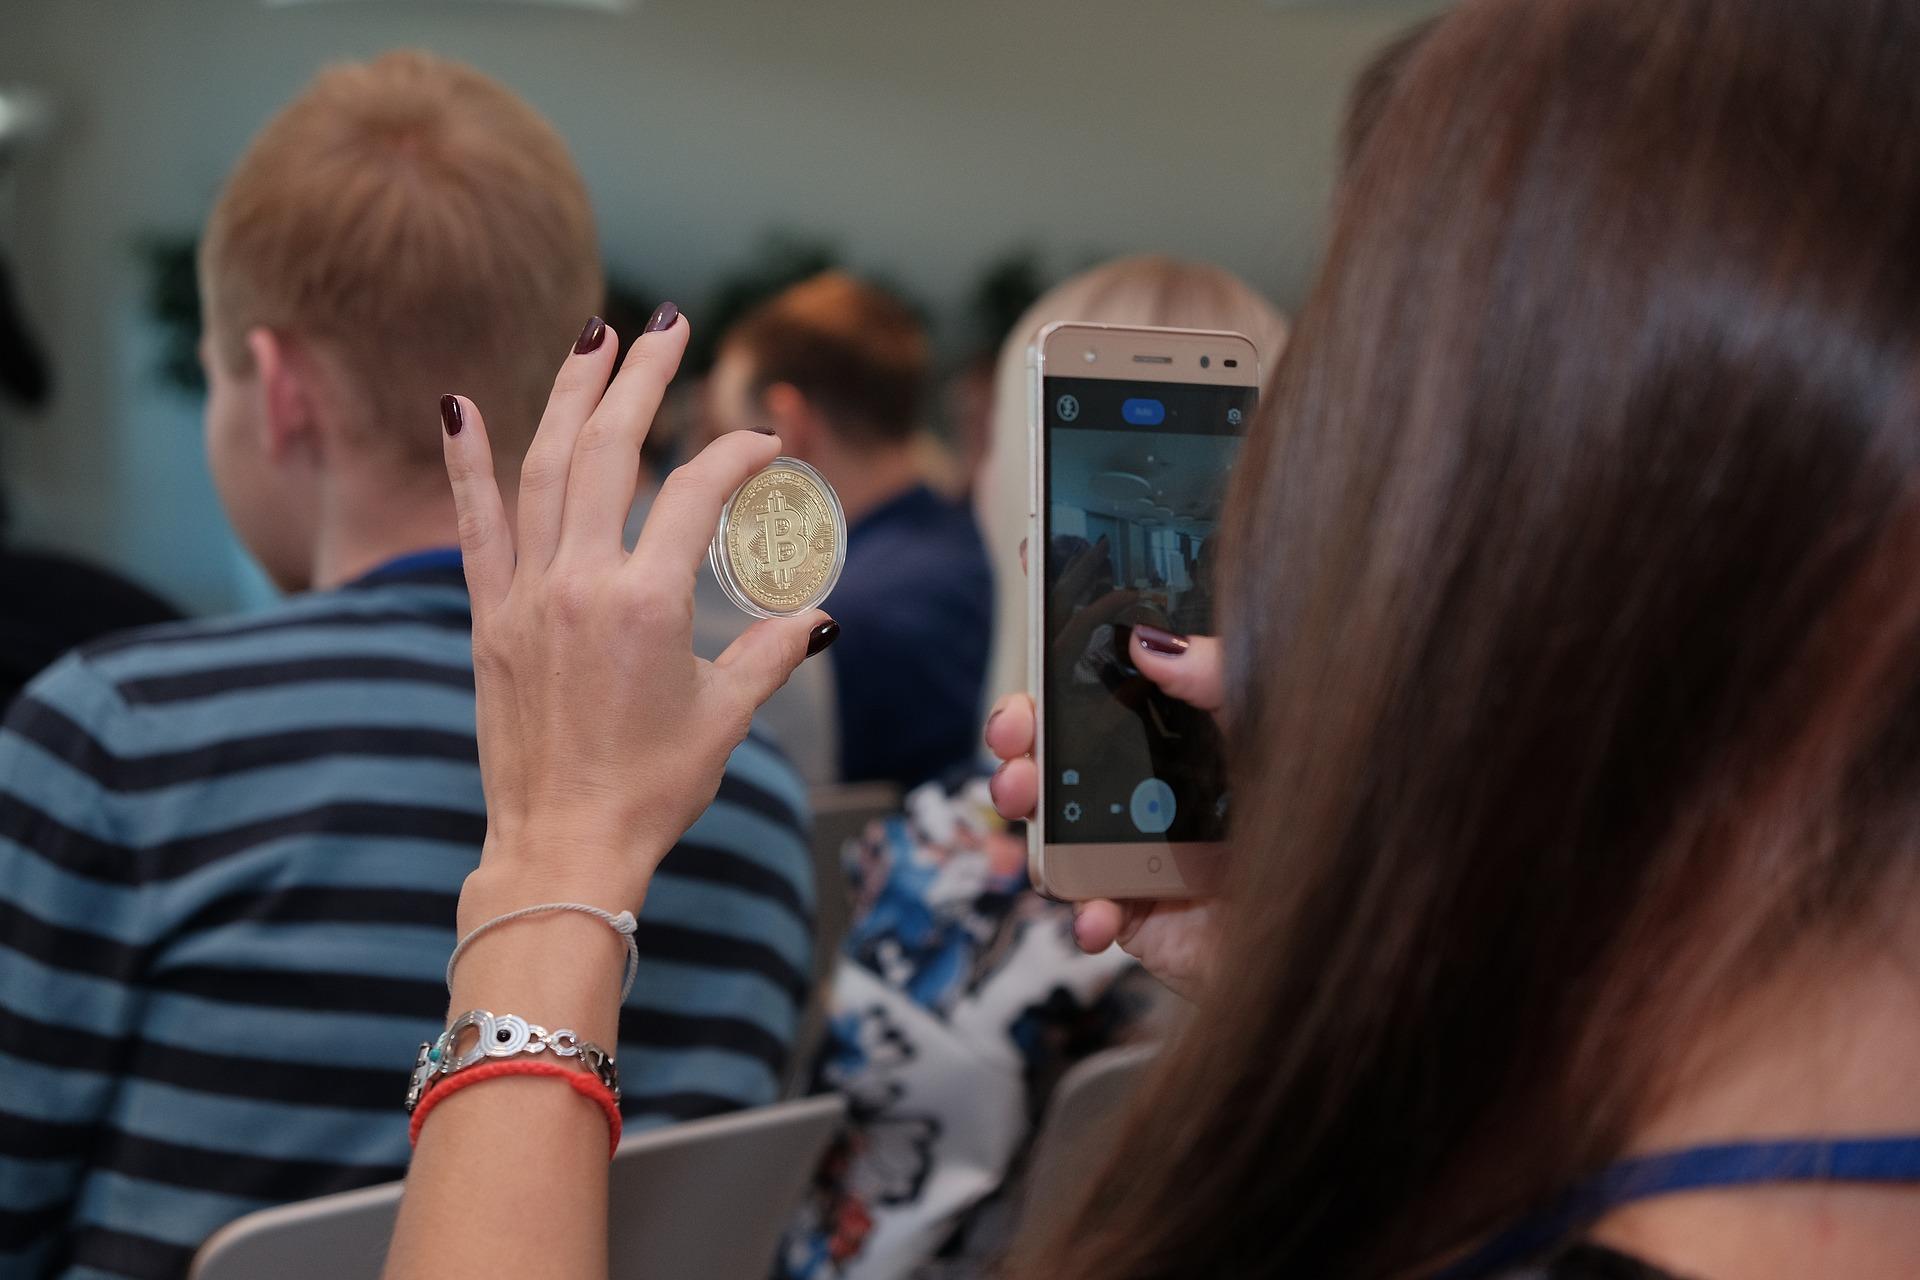 Девушка смотрит реальную золотую монету Bitcoin